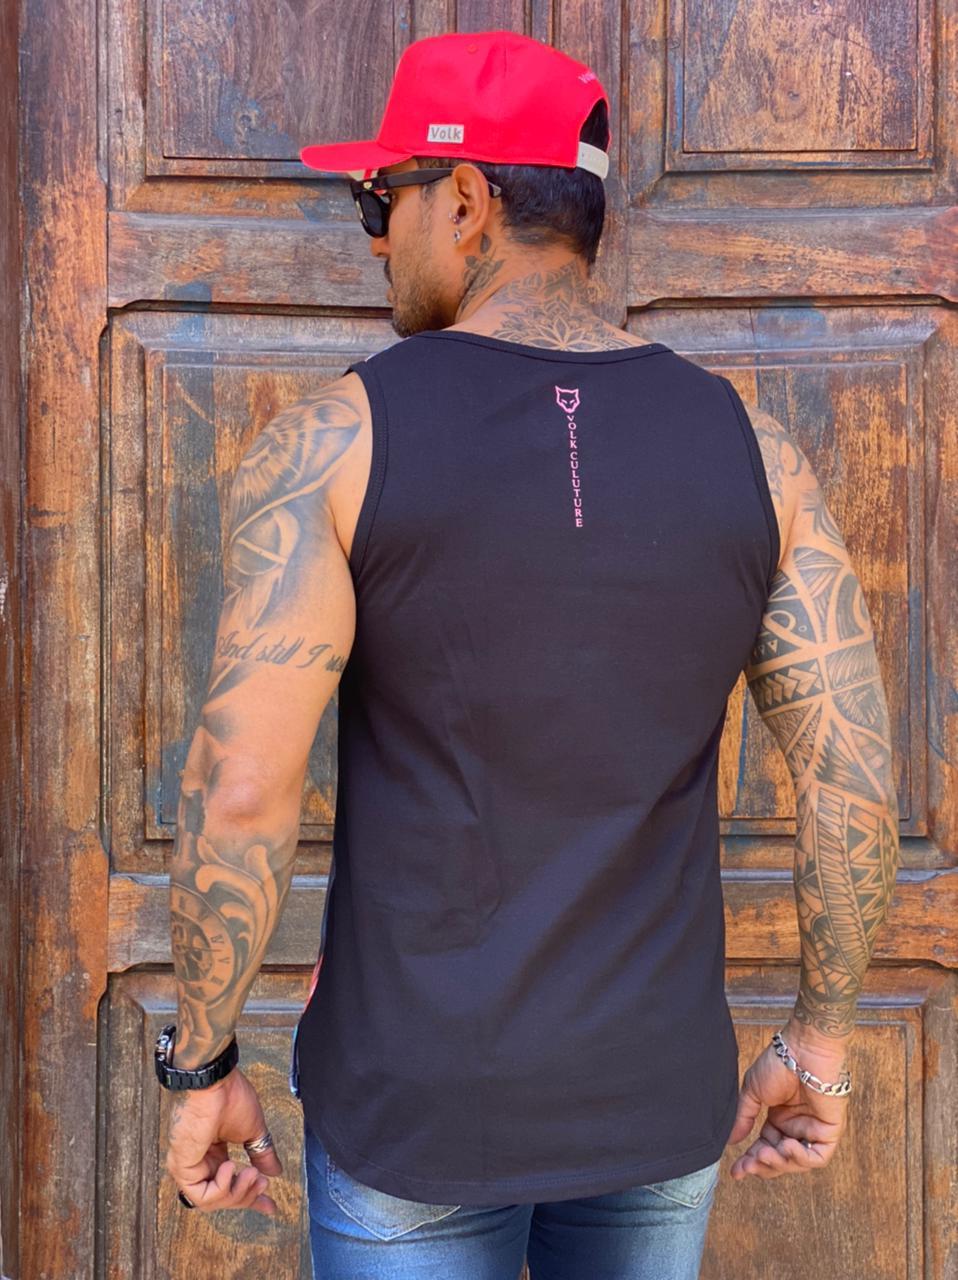 Camiseta Regata Volk Culture Preta Rosa Flamingo  - Harpia Moda - Moda Masculina & Acessórios